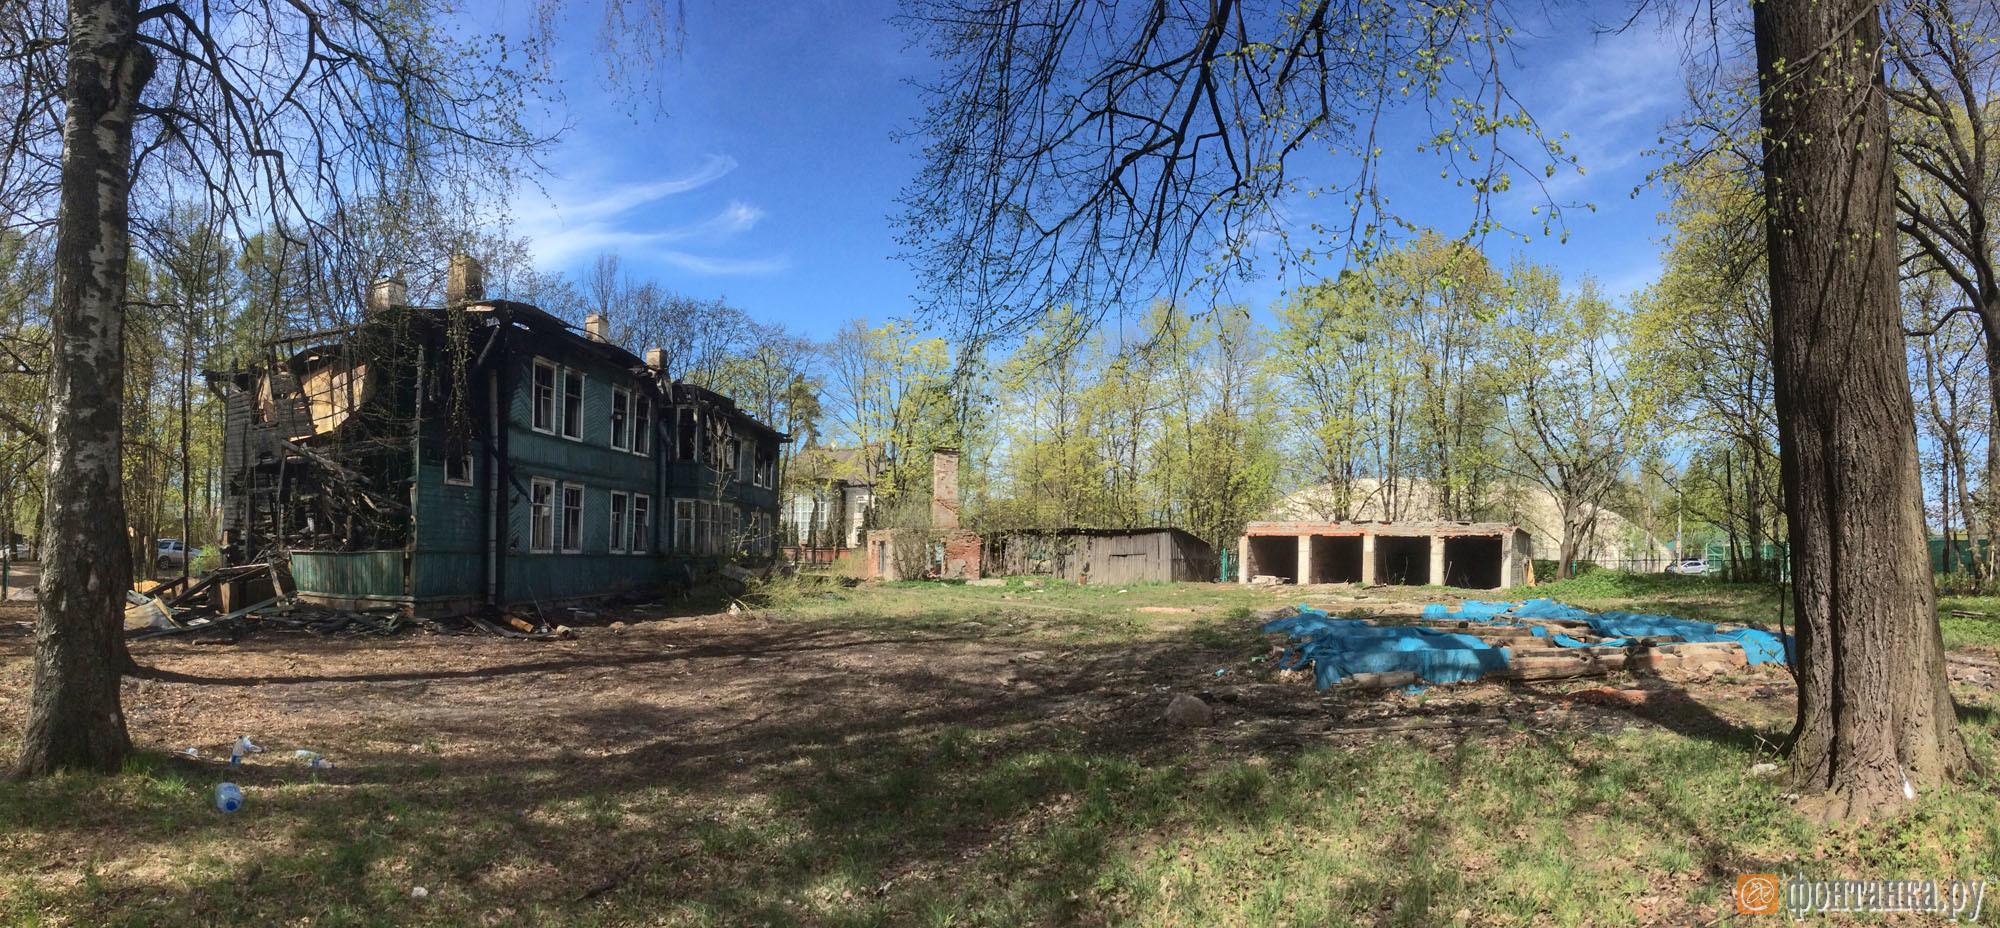 Слева горевшее 21-го мая здание, справа территория снесенного памятника